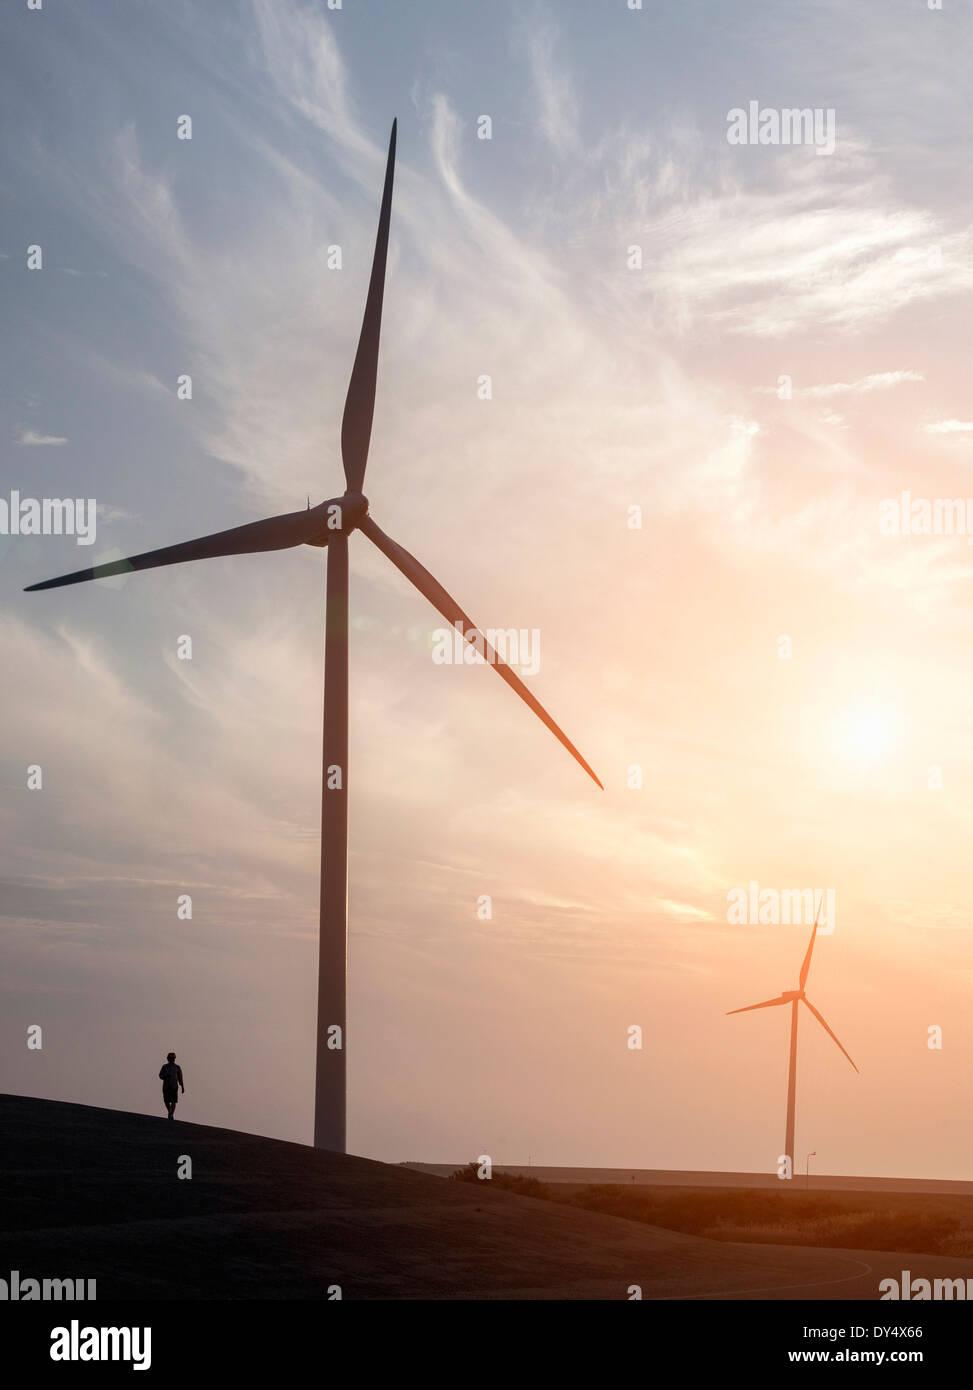 Mann, ein Spaziergang in der Nähe von Windkraftanlagen und östlichen Schelde Sturmflutwehr entwickelt, Stockbild